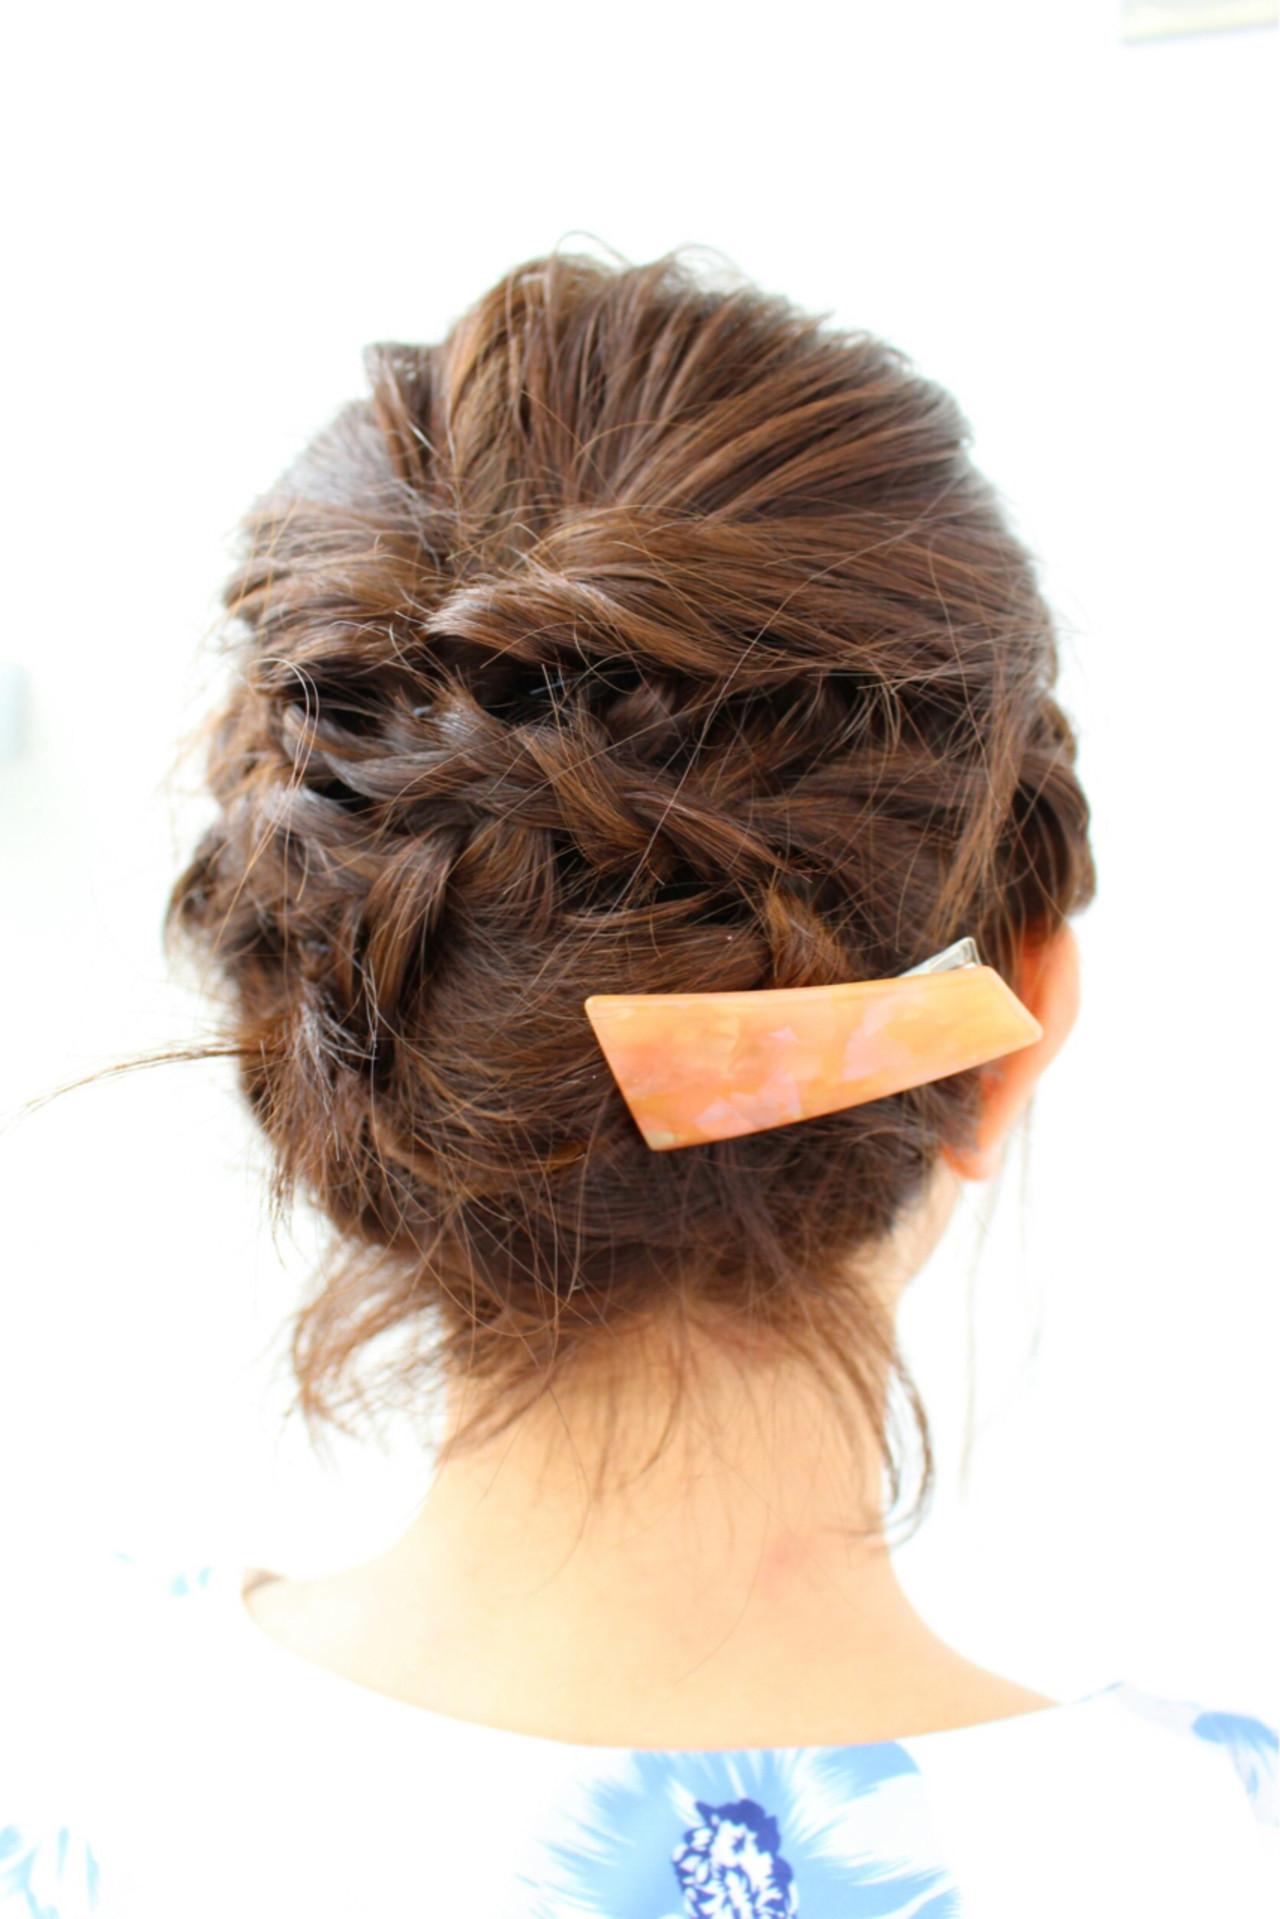 くるりんぱと三つ編みでできるボブのヘアアレンジです。きちんと編み込むことで、式典にもおすすめのヘアスタイルになりますよ。サイドにヘアアクセサリーをつけることで、ワンポイントにもなりますよ。